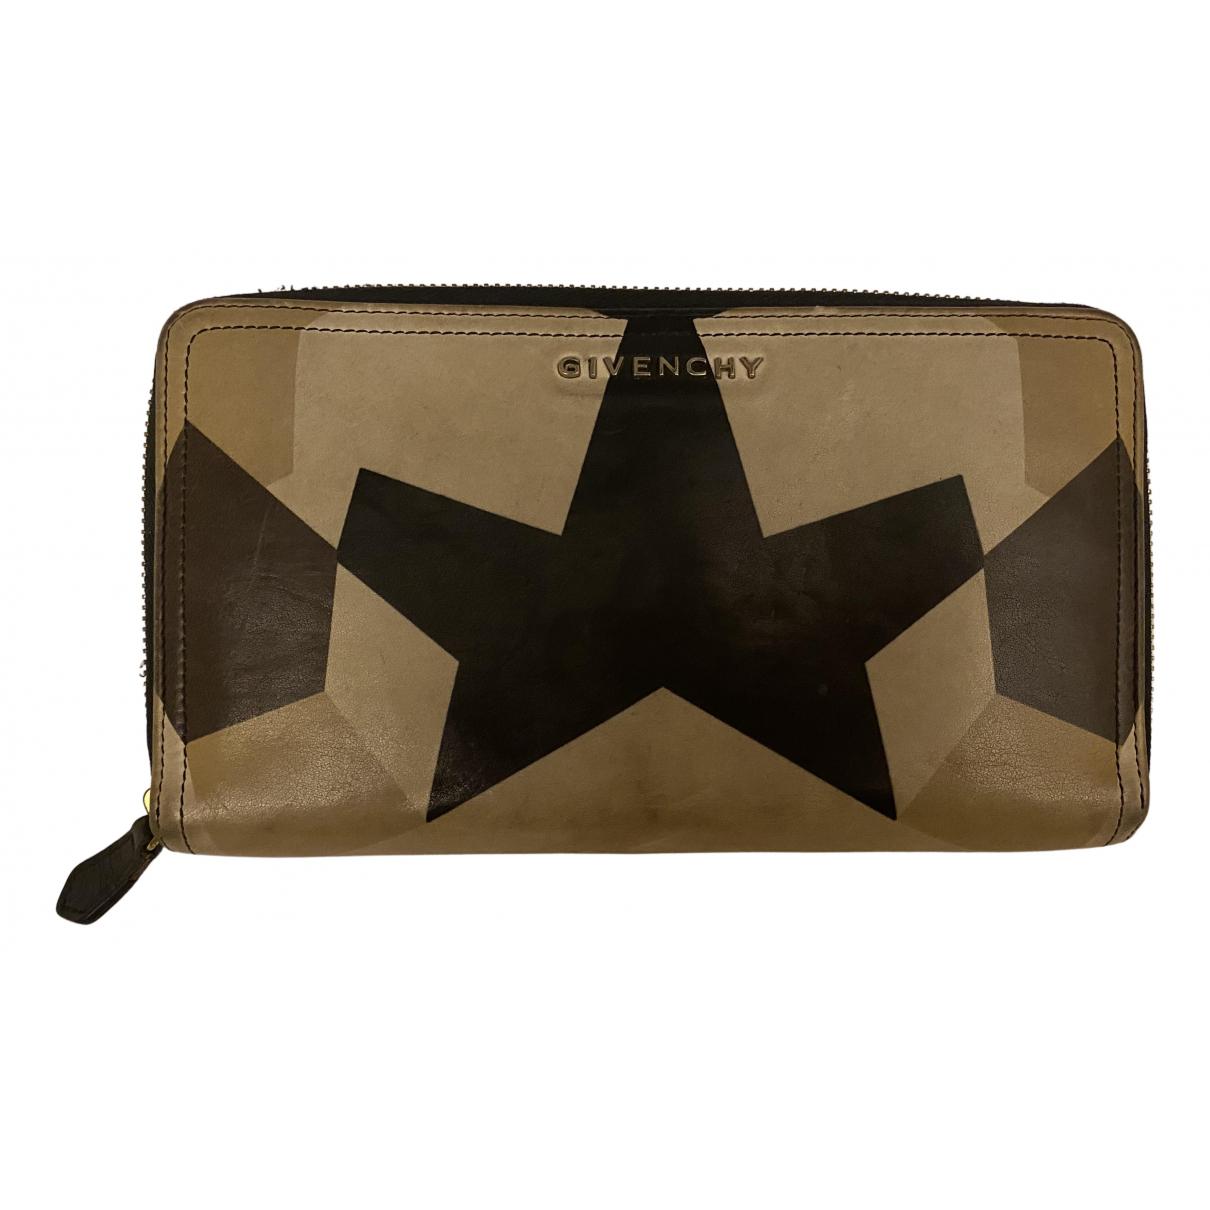 Givenchy - Portefeuille   pour femme en cuir - beige